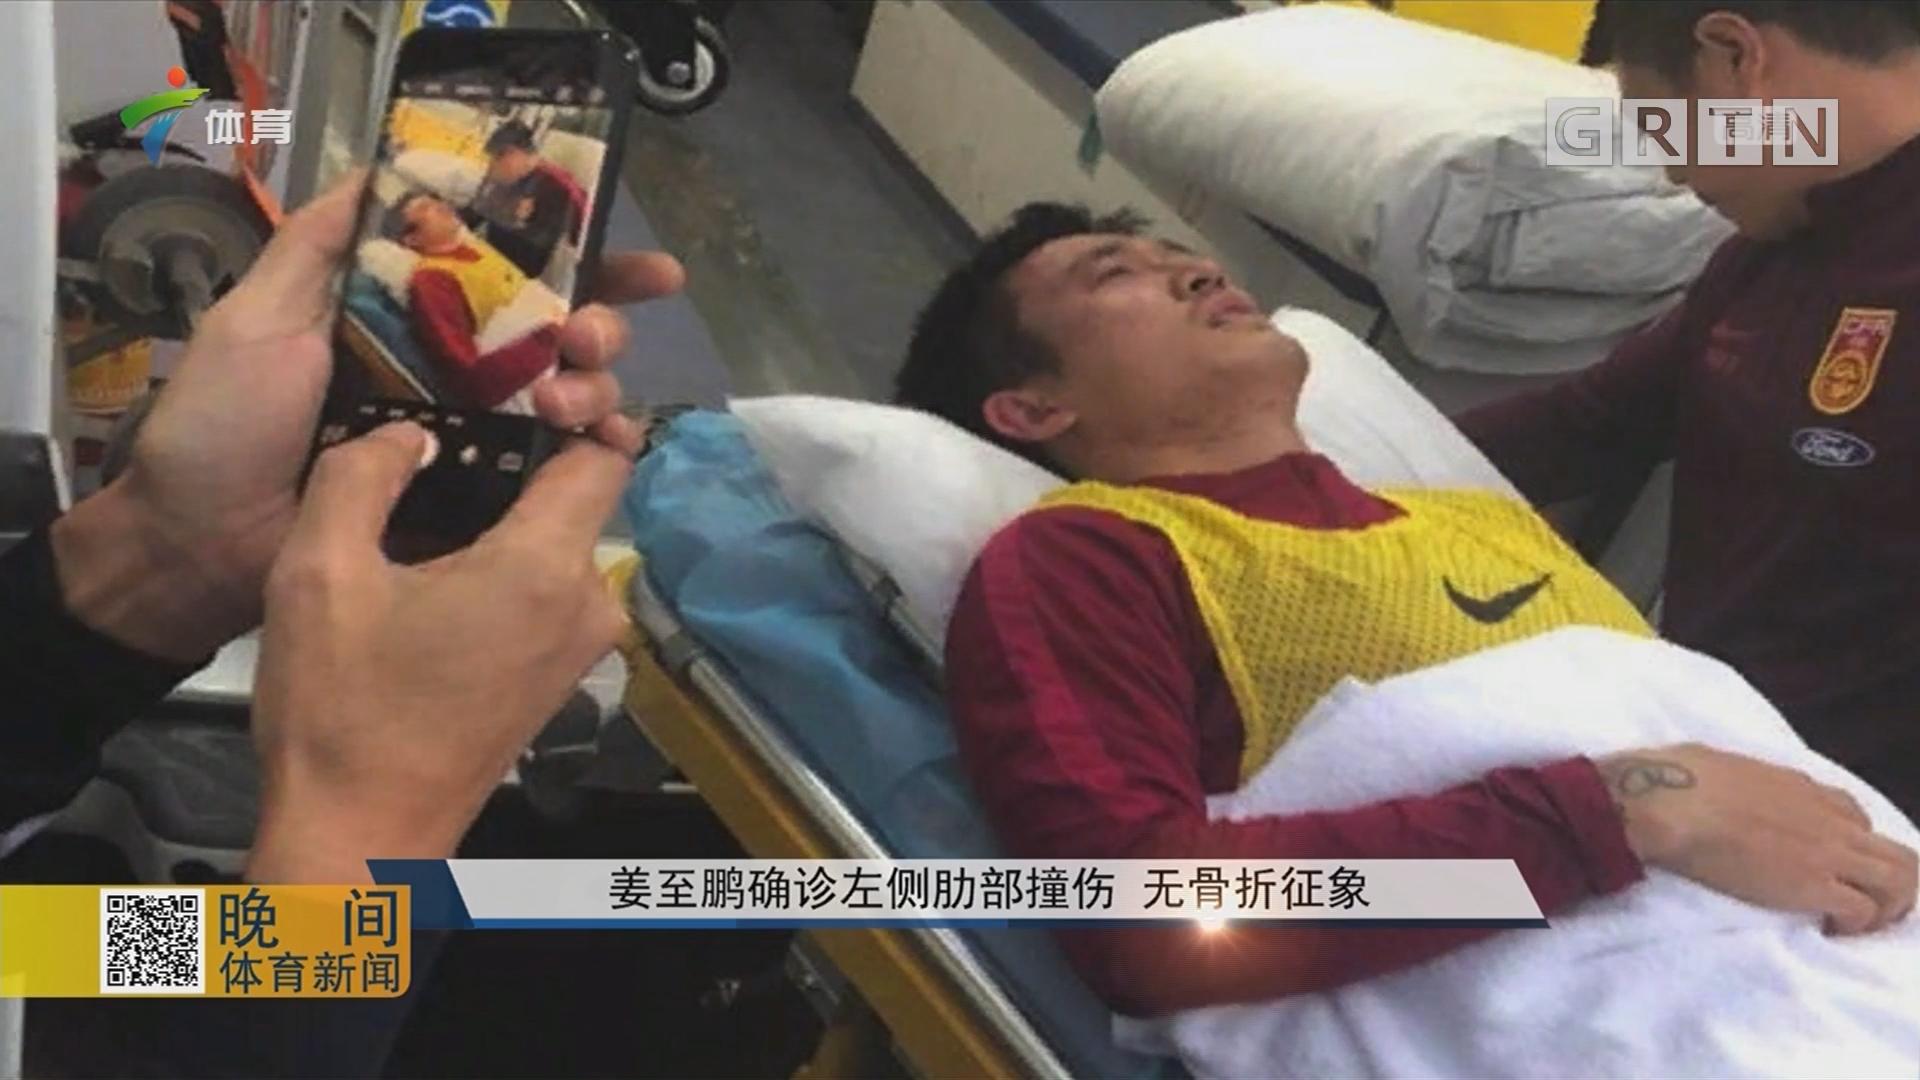 姜至鹏确诊左侧肋部撞伤 无骨折征象